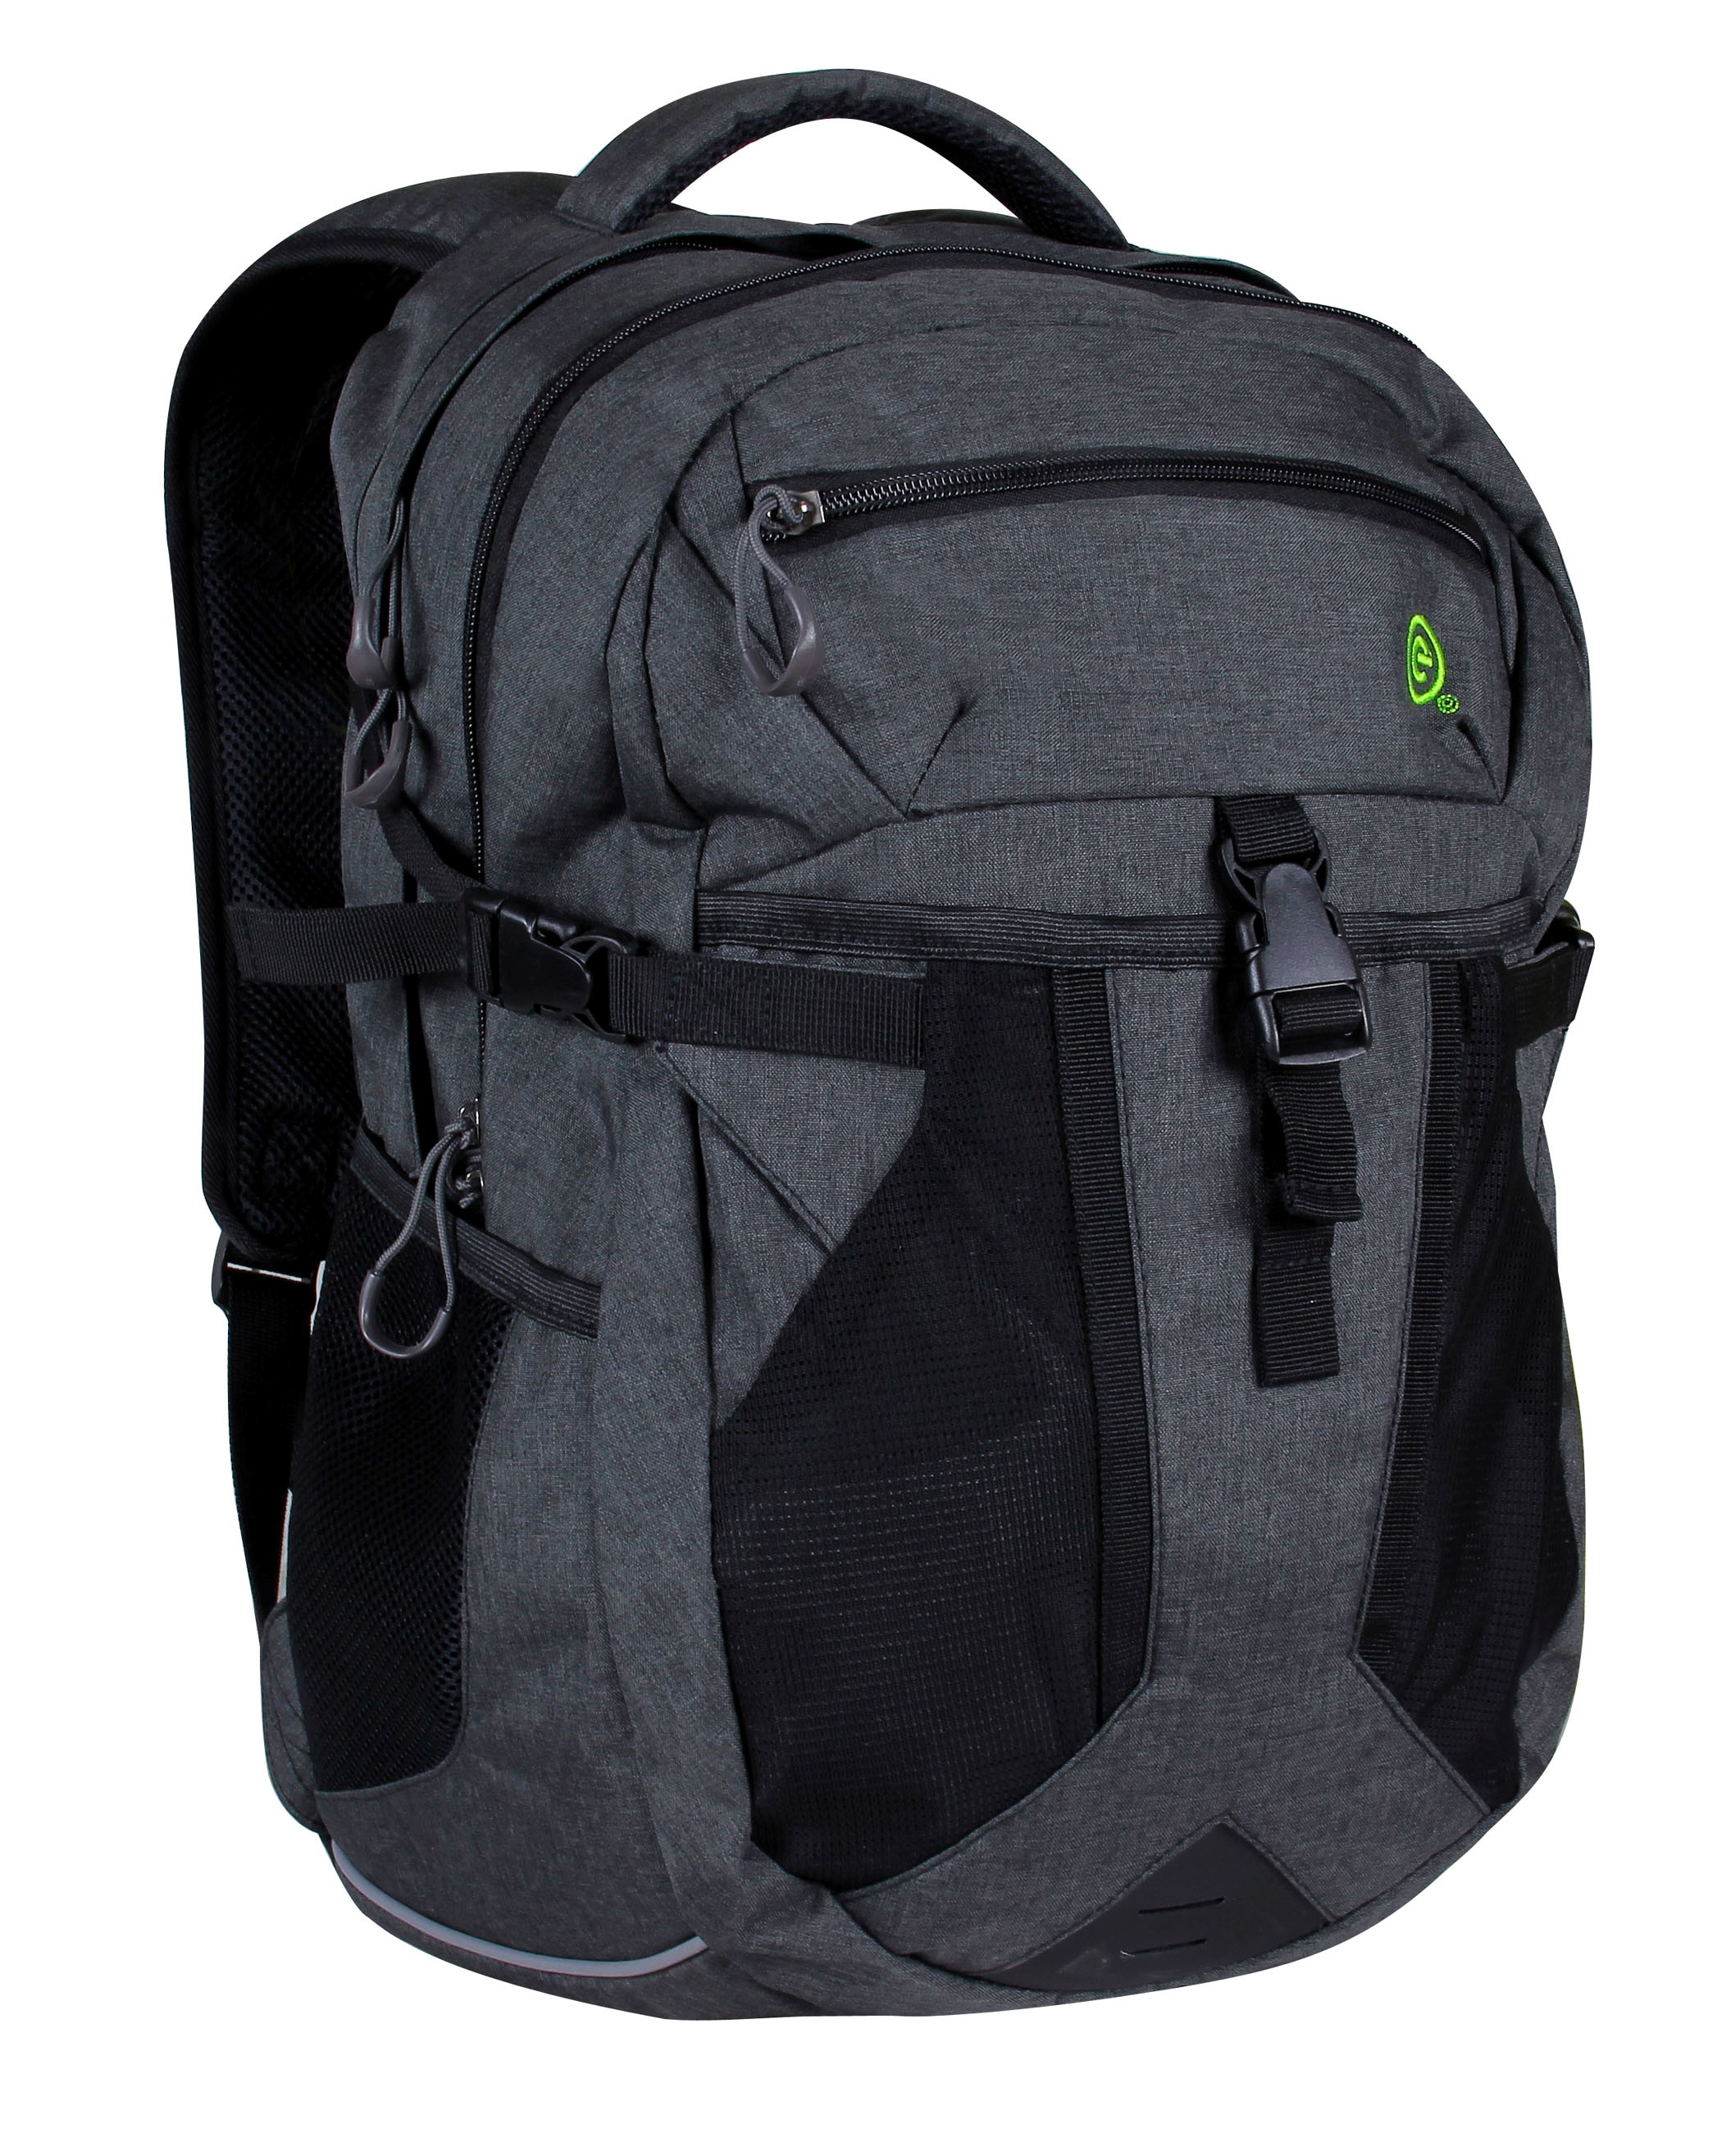 Ecogear BGR-0221-HG Rolling Dhole Backpack, Heather Grey